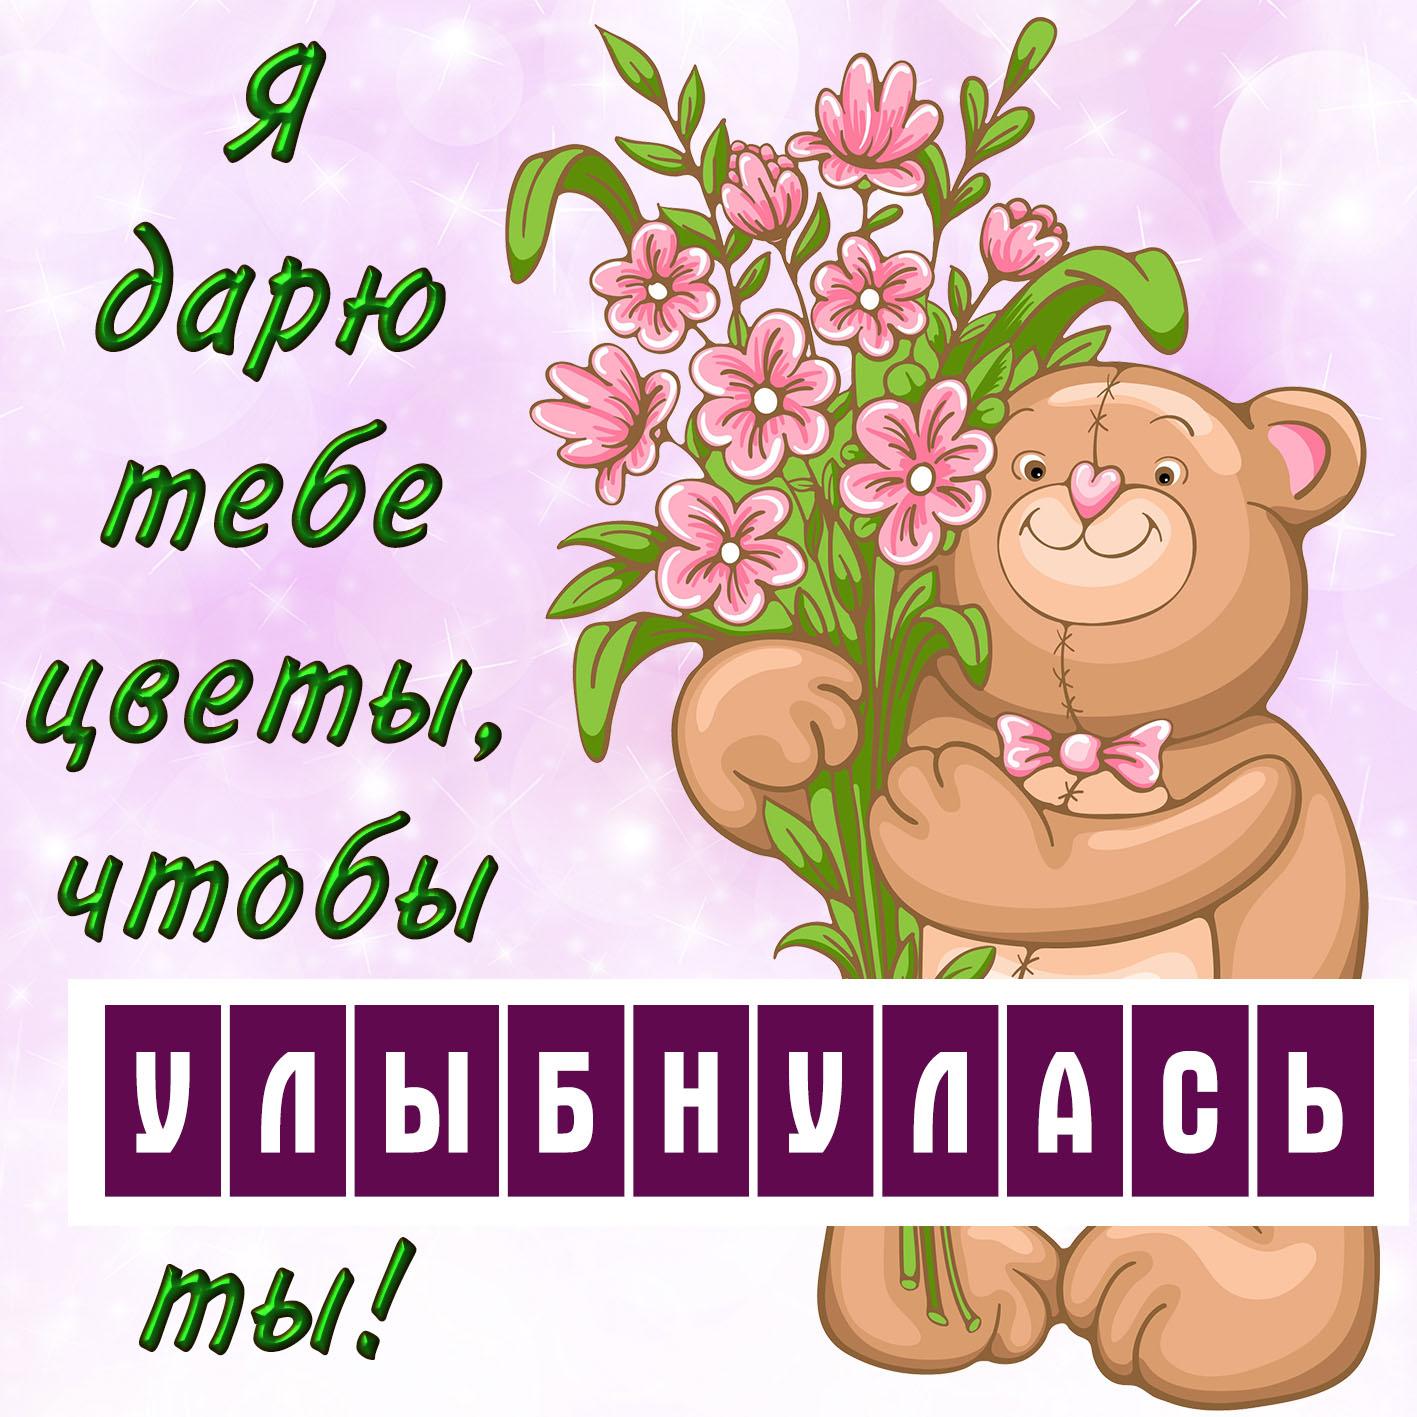 Открытка - мишка с цветами просит тебя улыбнуться